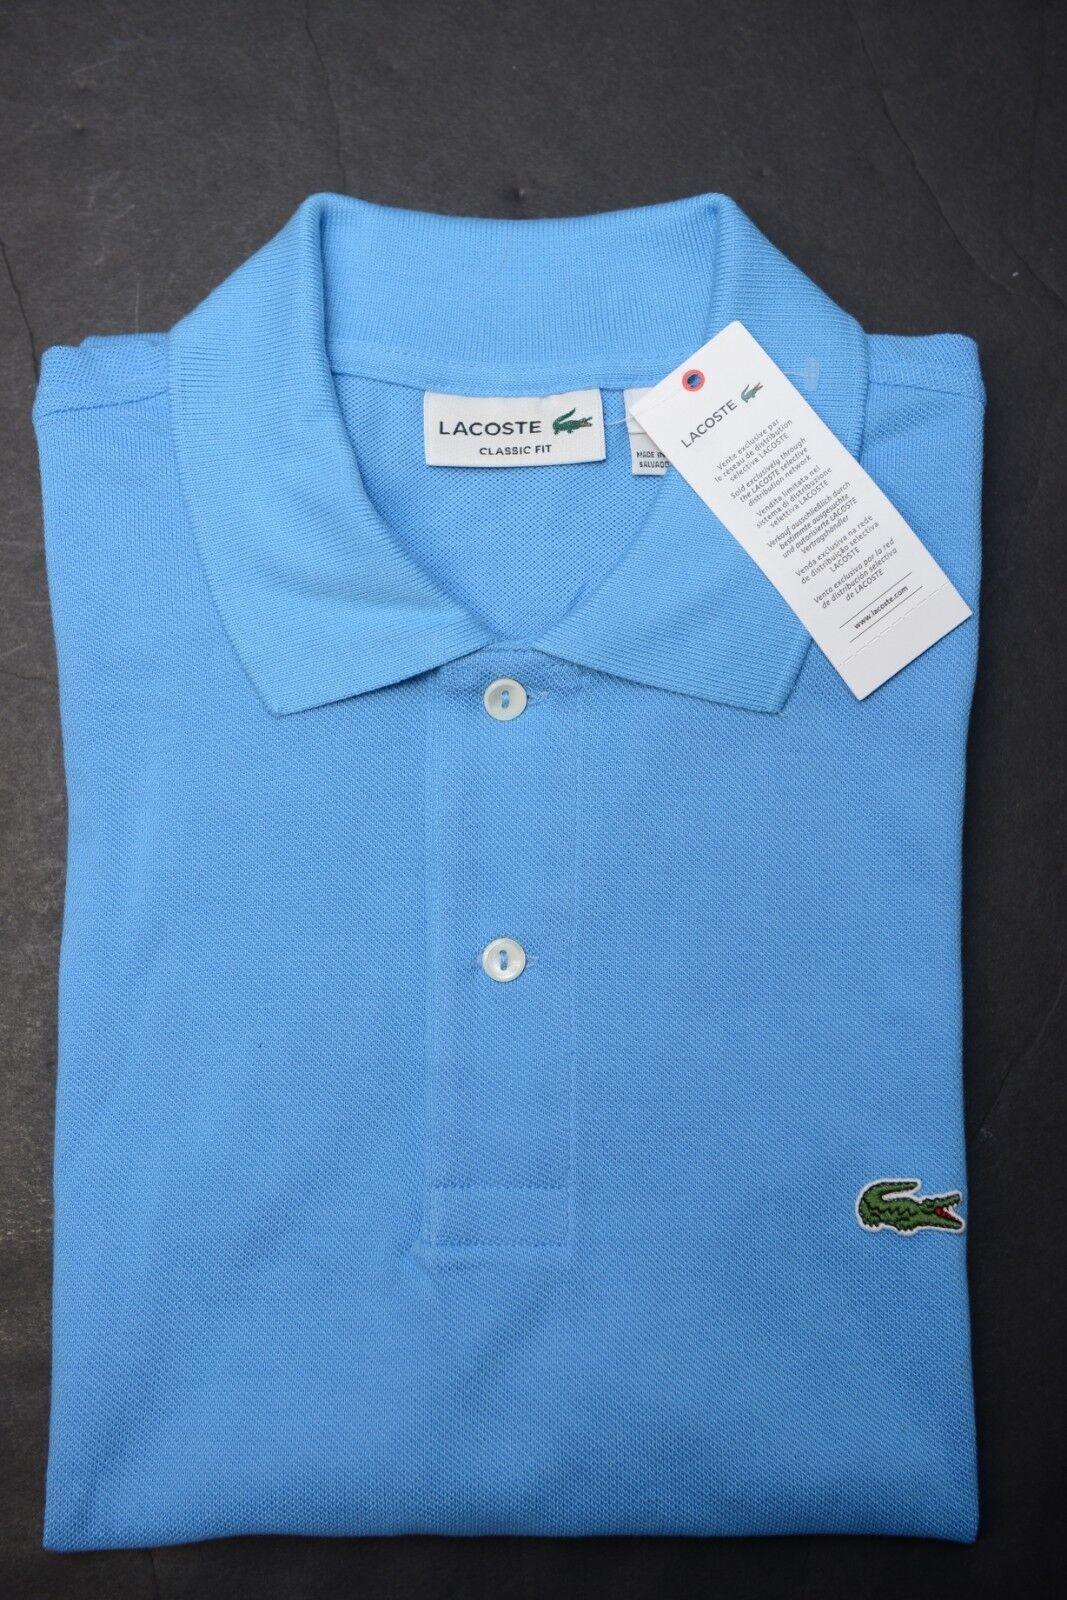 Lacoste L1212 Uomo Taglio Classico argentoina Blu Maglietta Polo Polo Polo di Cotone XXL 7 309d4b